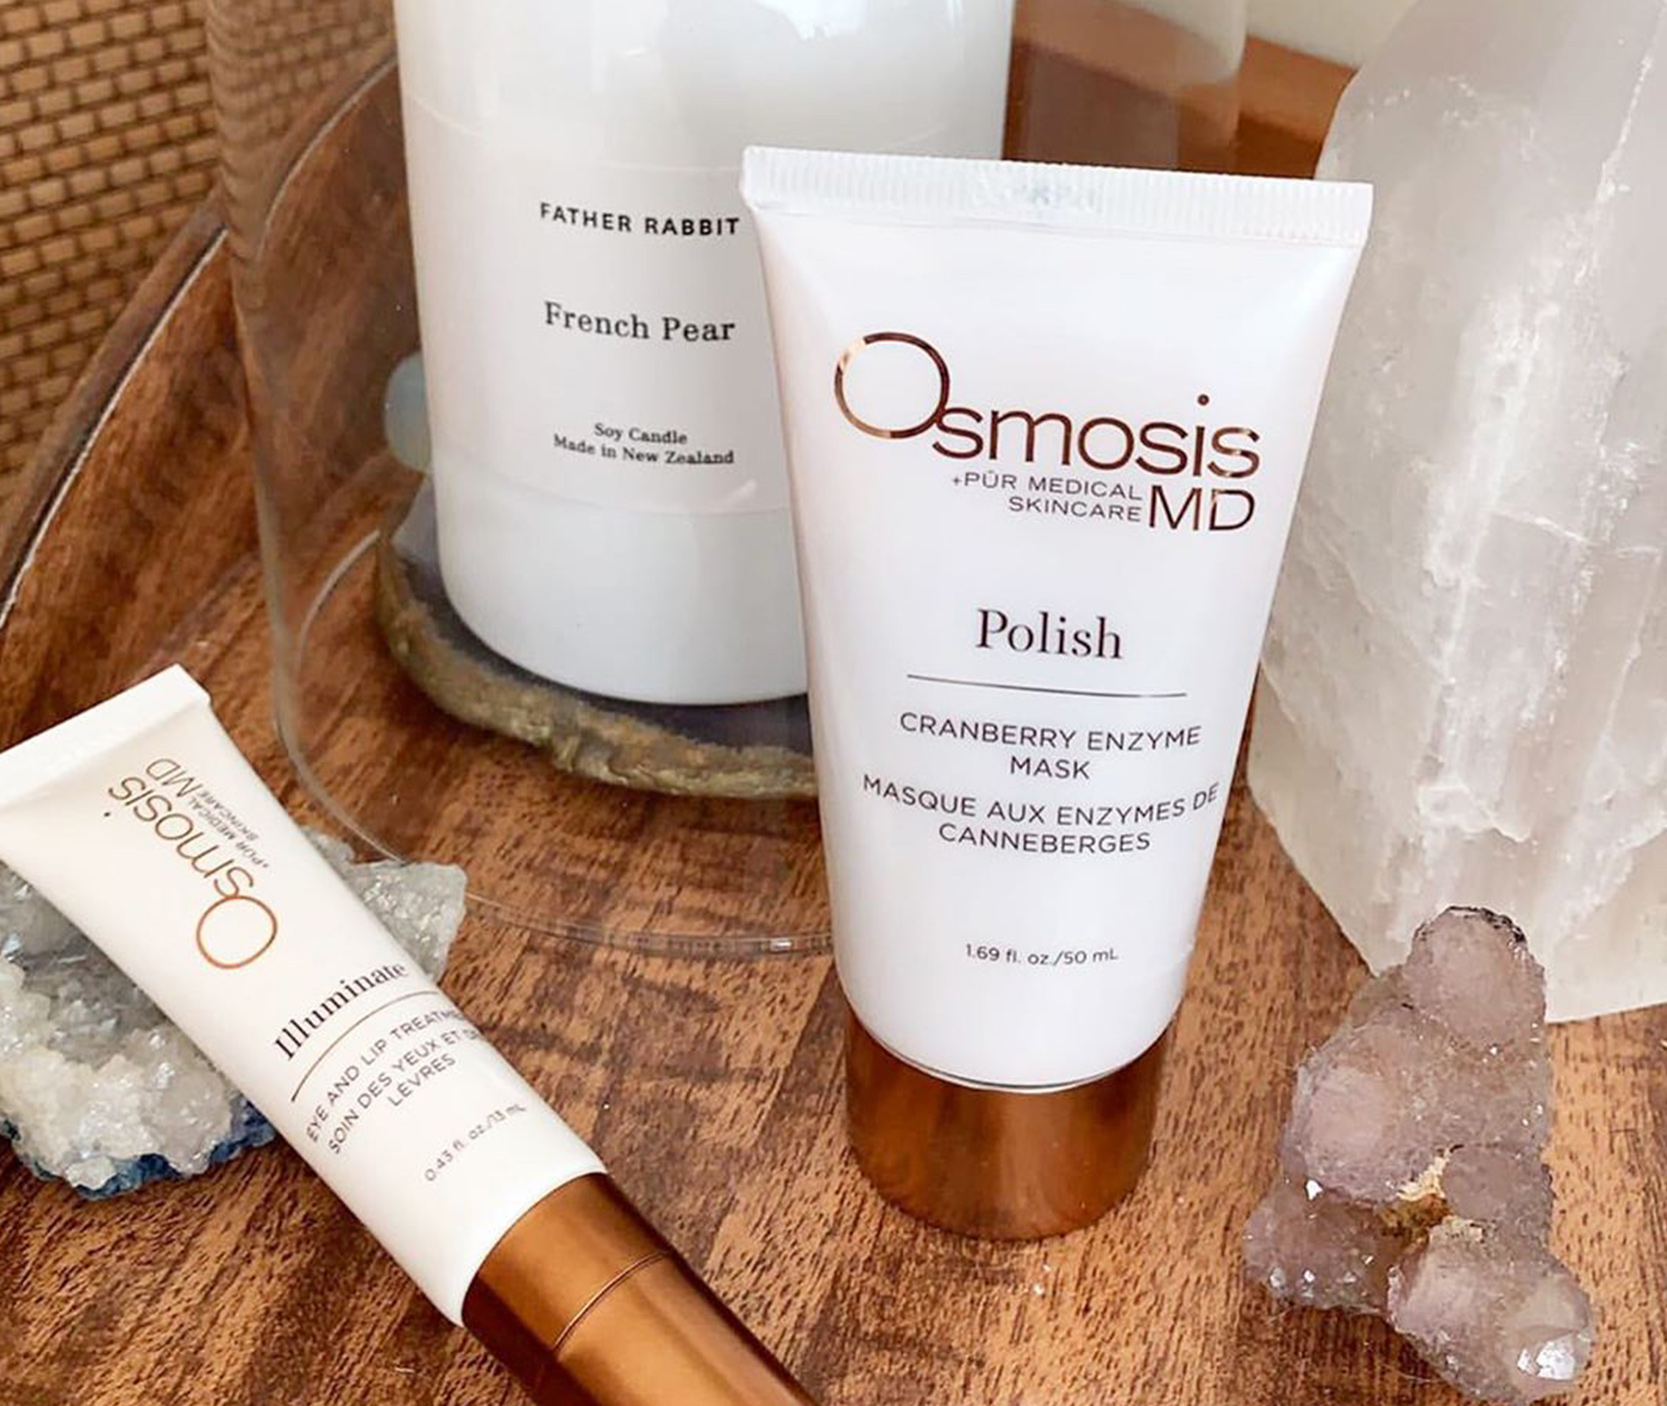 Osmosis Skincare: Polish Cranberry Enzyme Mask